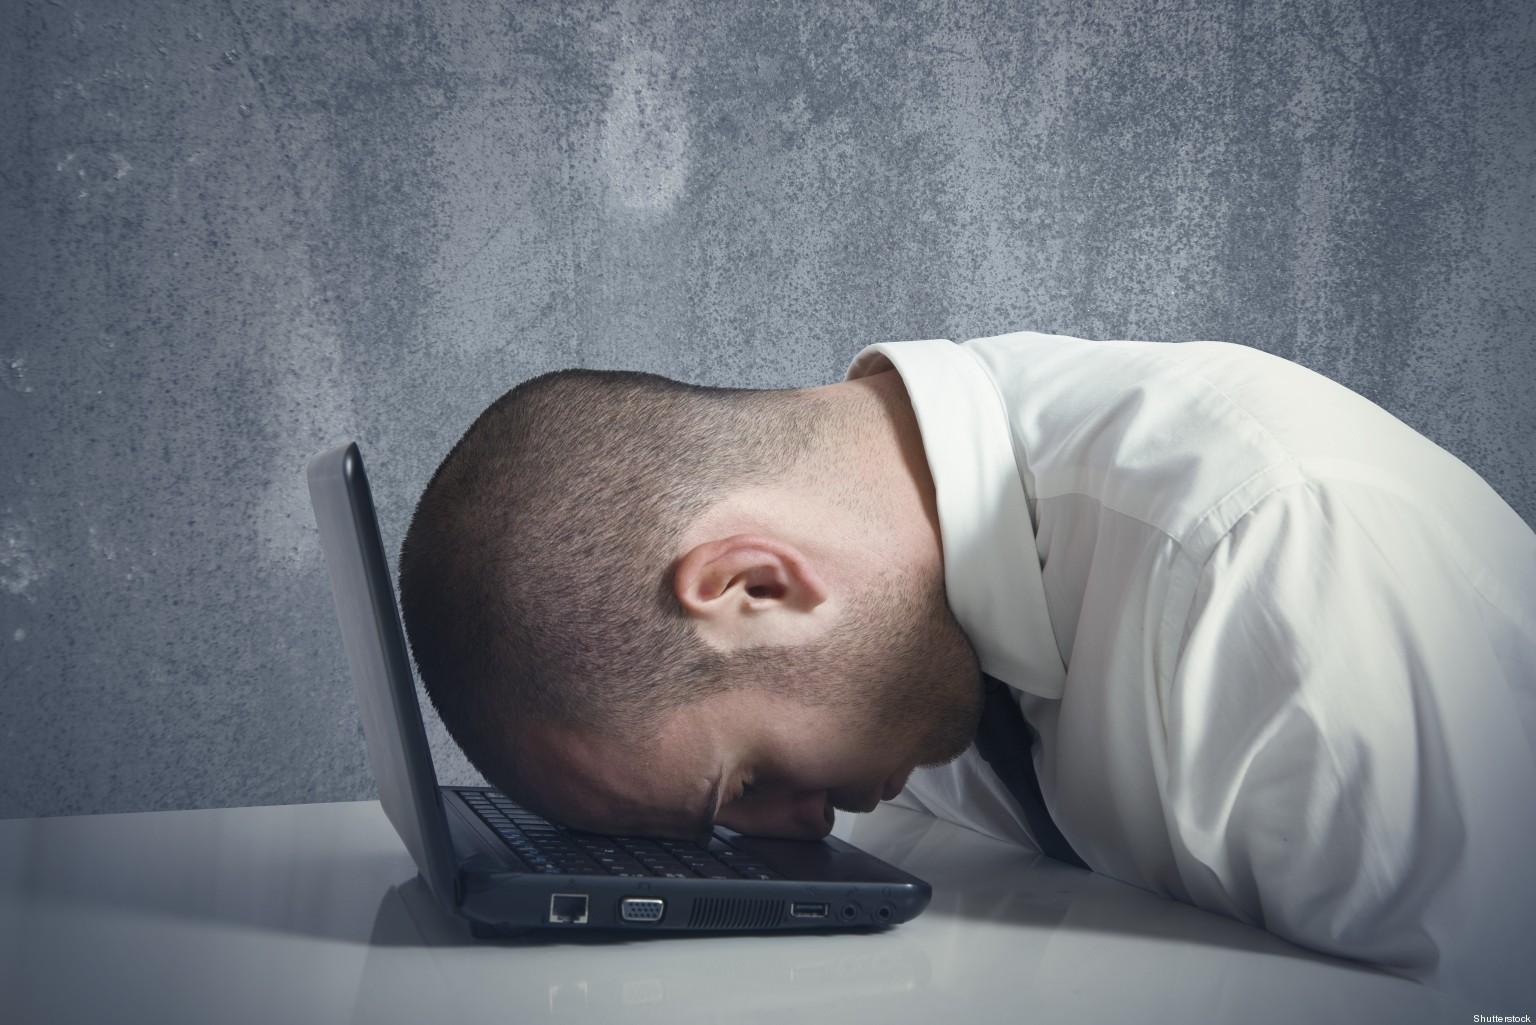 Découvrez ce que vous réserve le manque de sommeil